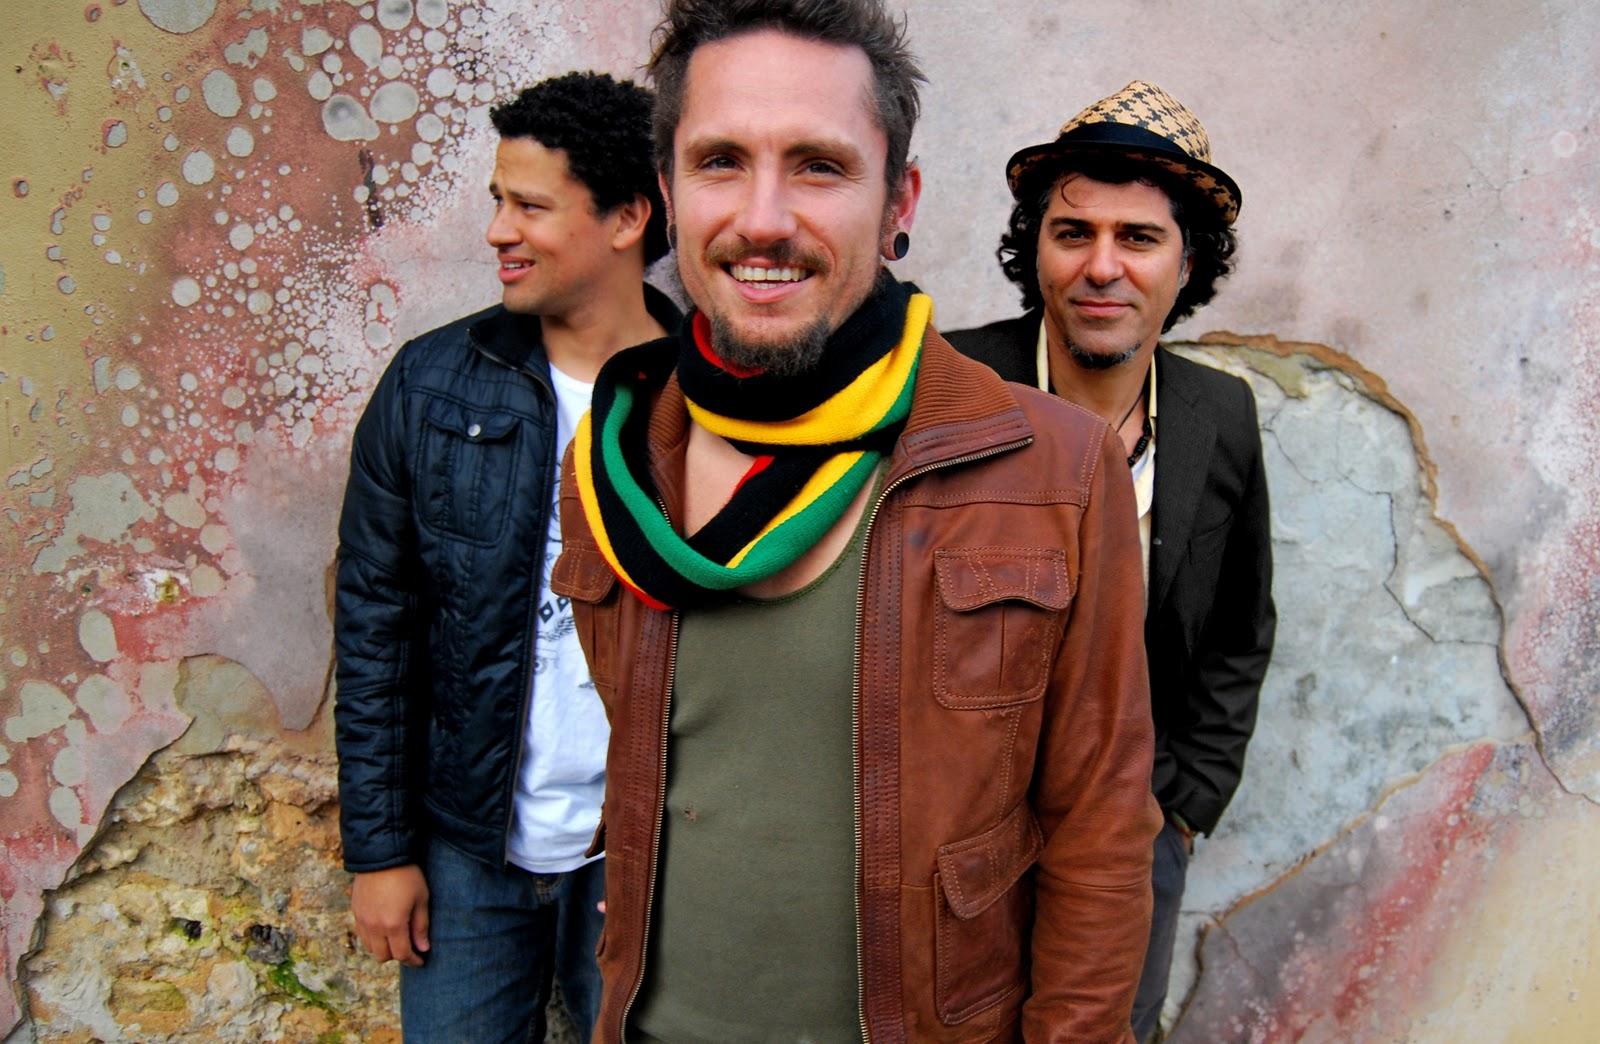 http://4.bp.blogspot.com/_1bsEiO1ILlM/TU4ngJaPN_I/AAAAAAAAAA4/RXDcyia0a0I/s1600/john-butler-trio-one-way-road.jpg